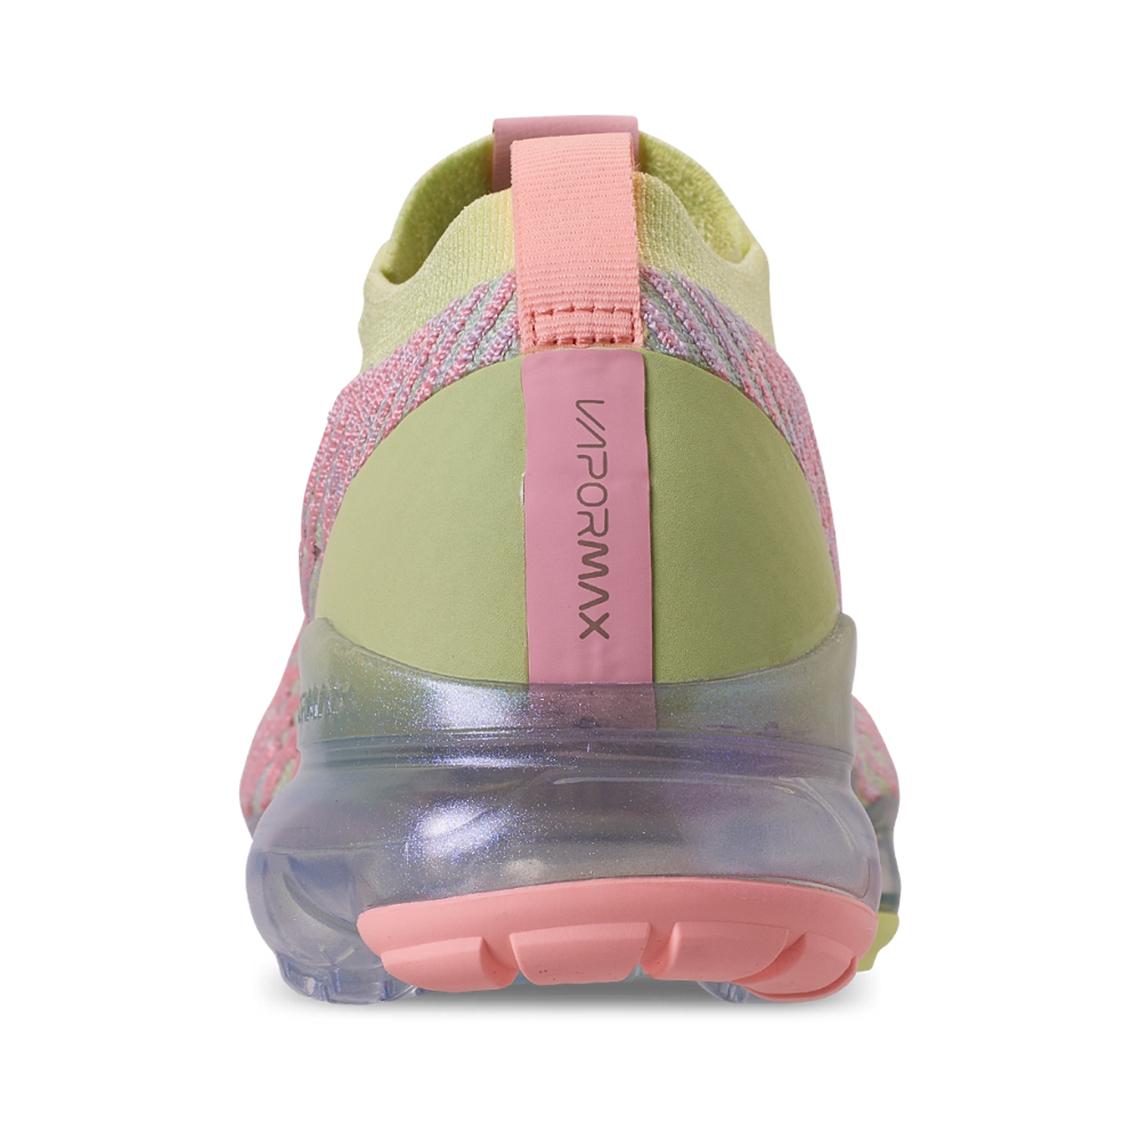 59488e5906f9 Nike Vapormax Flyknit 3 Women s Easter Release Date